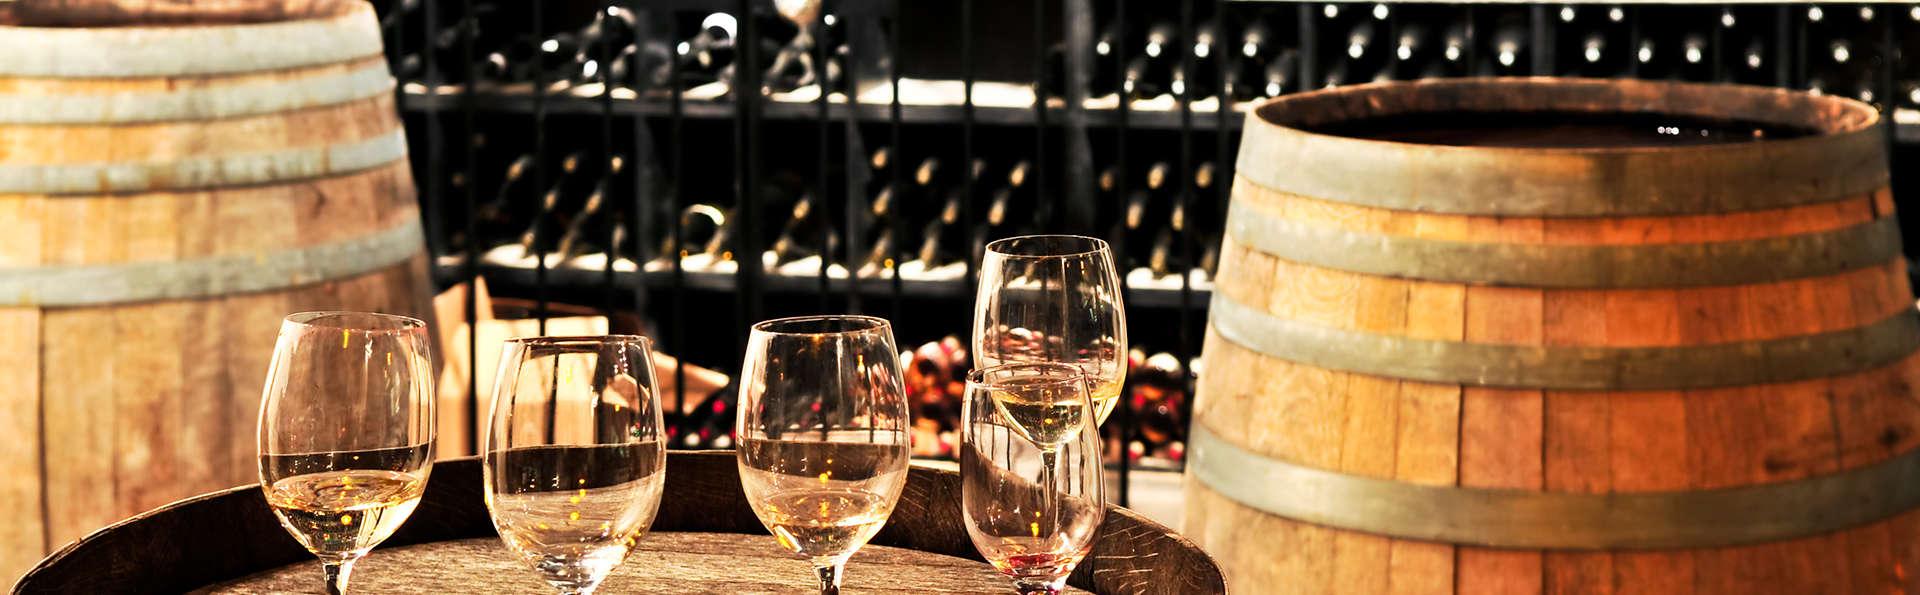 Ontdek de aroma's van de wijn in Somontano met proeverij en bezoek de kaasmakerij